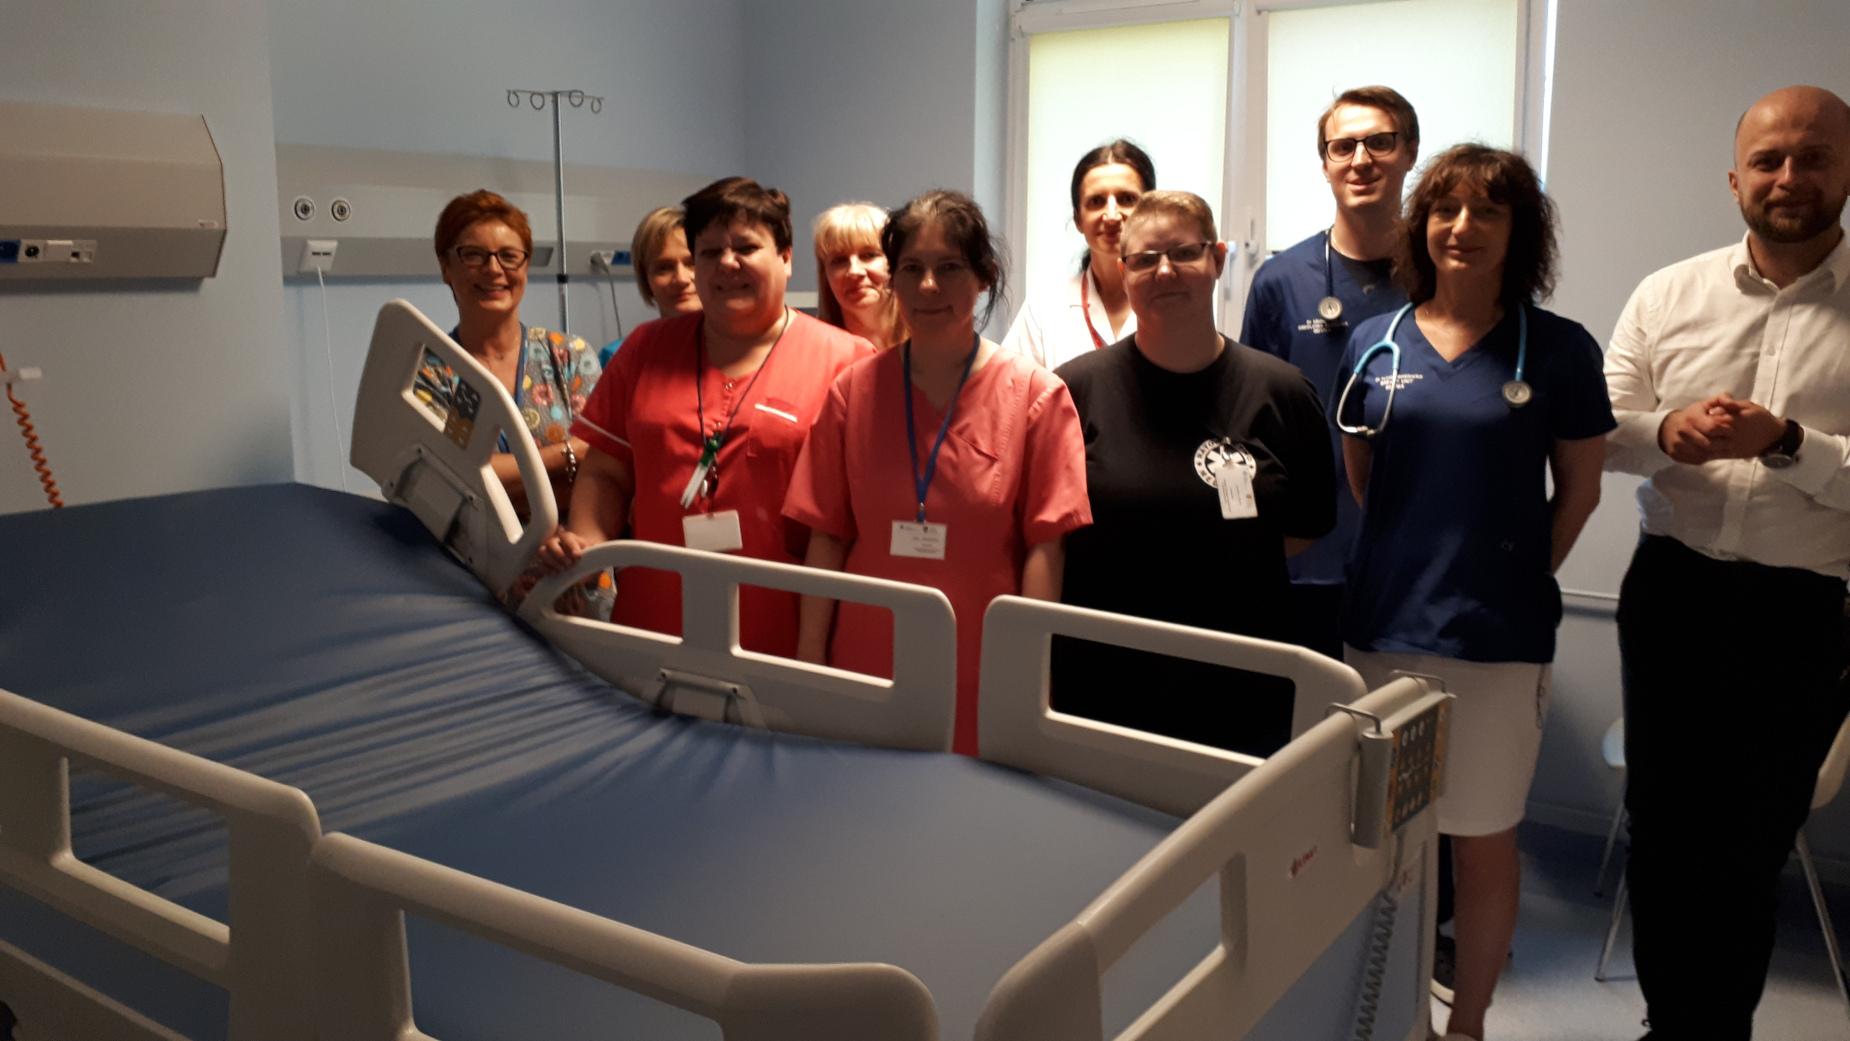 Nowe łóżka dla chorych na raka trafiły do gdyńskiego szpitala. To dar Fundacji im. św. Patryka